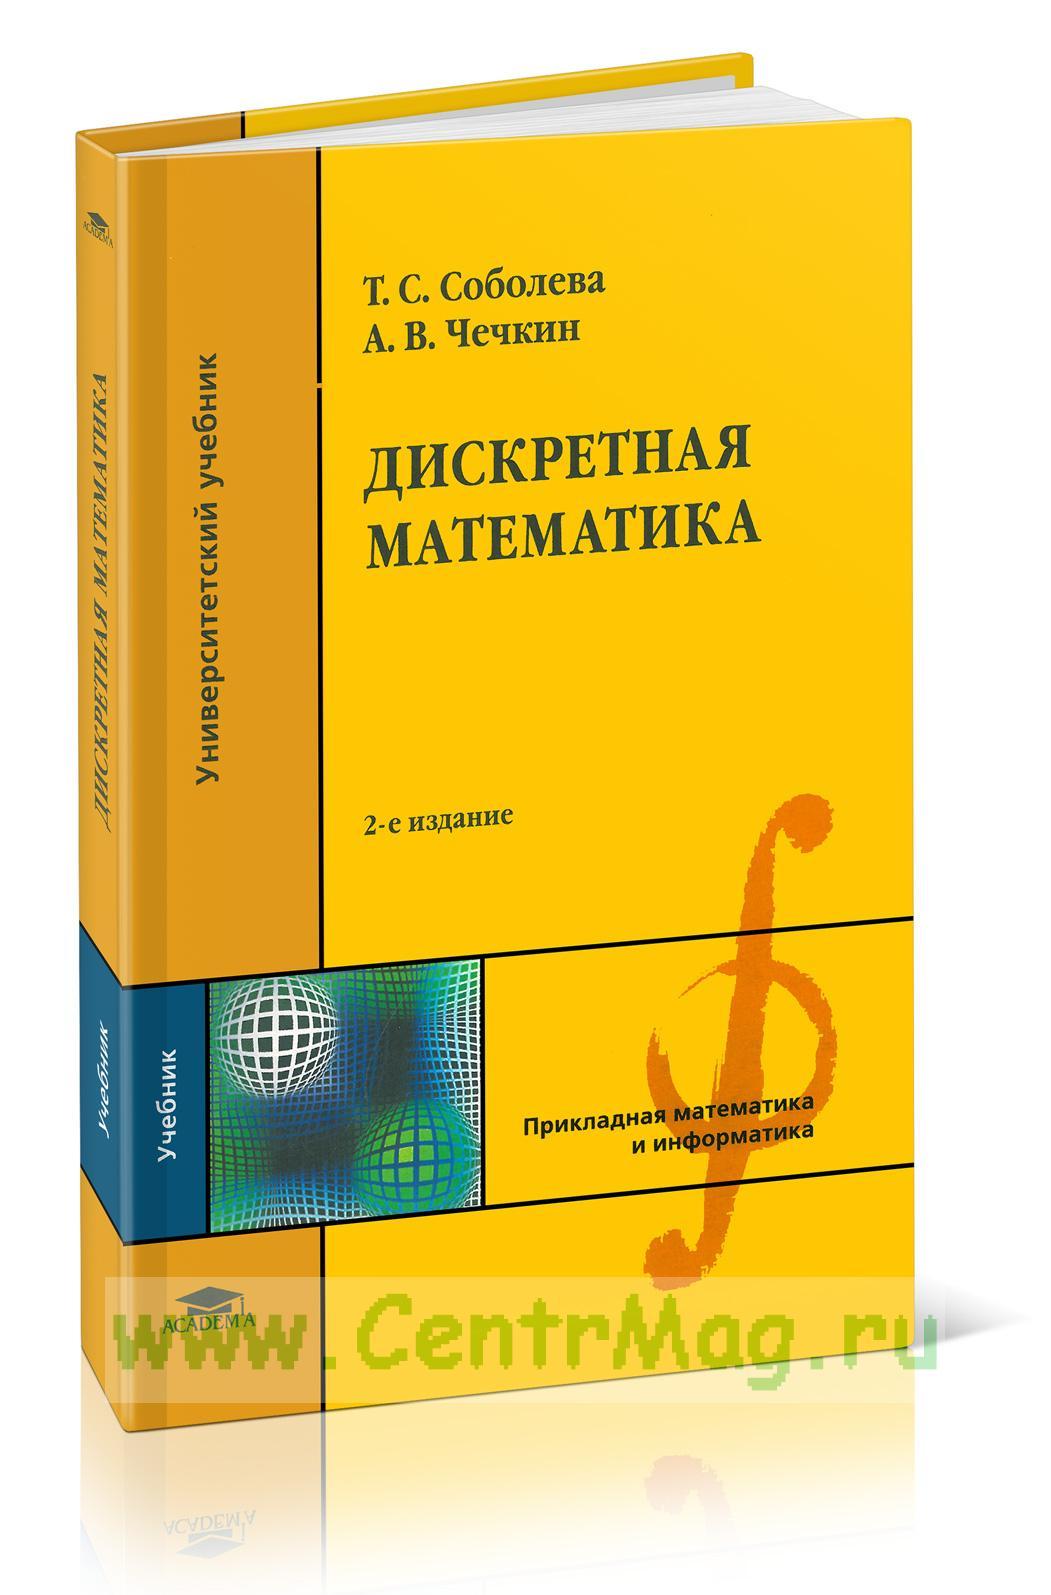 Дискретная математика (2-е изд.)